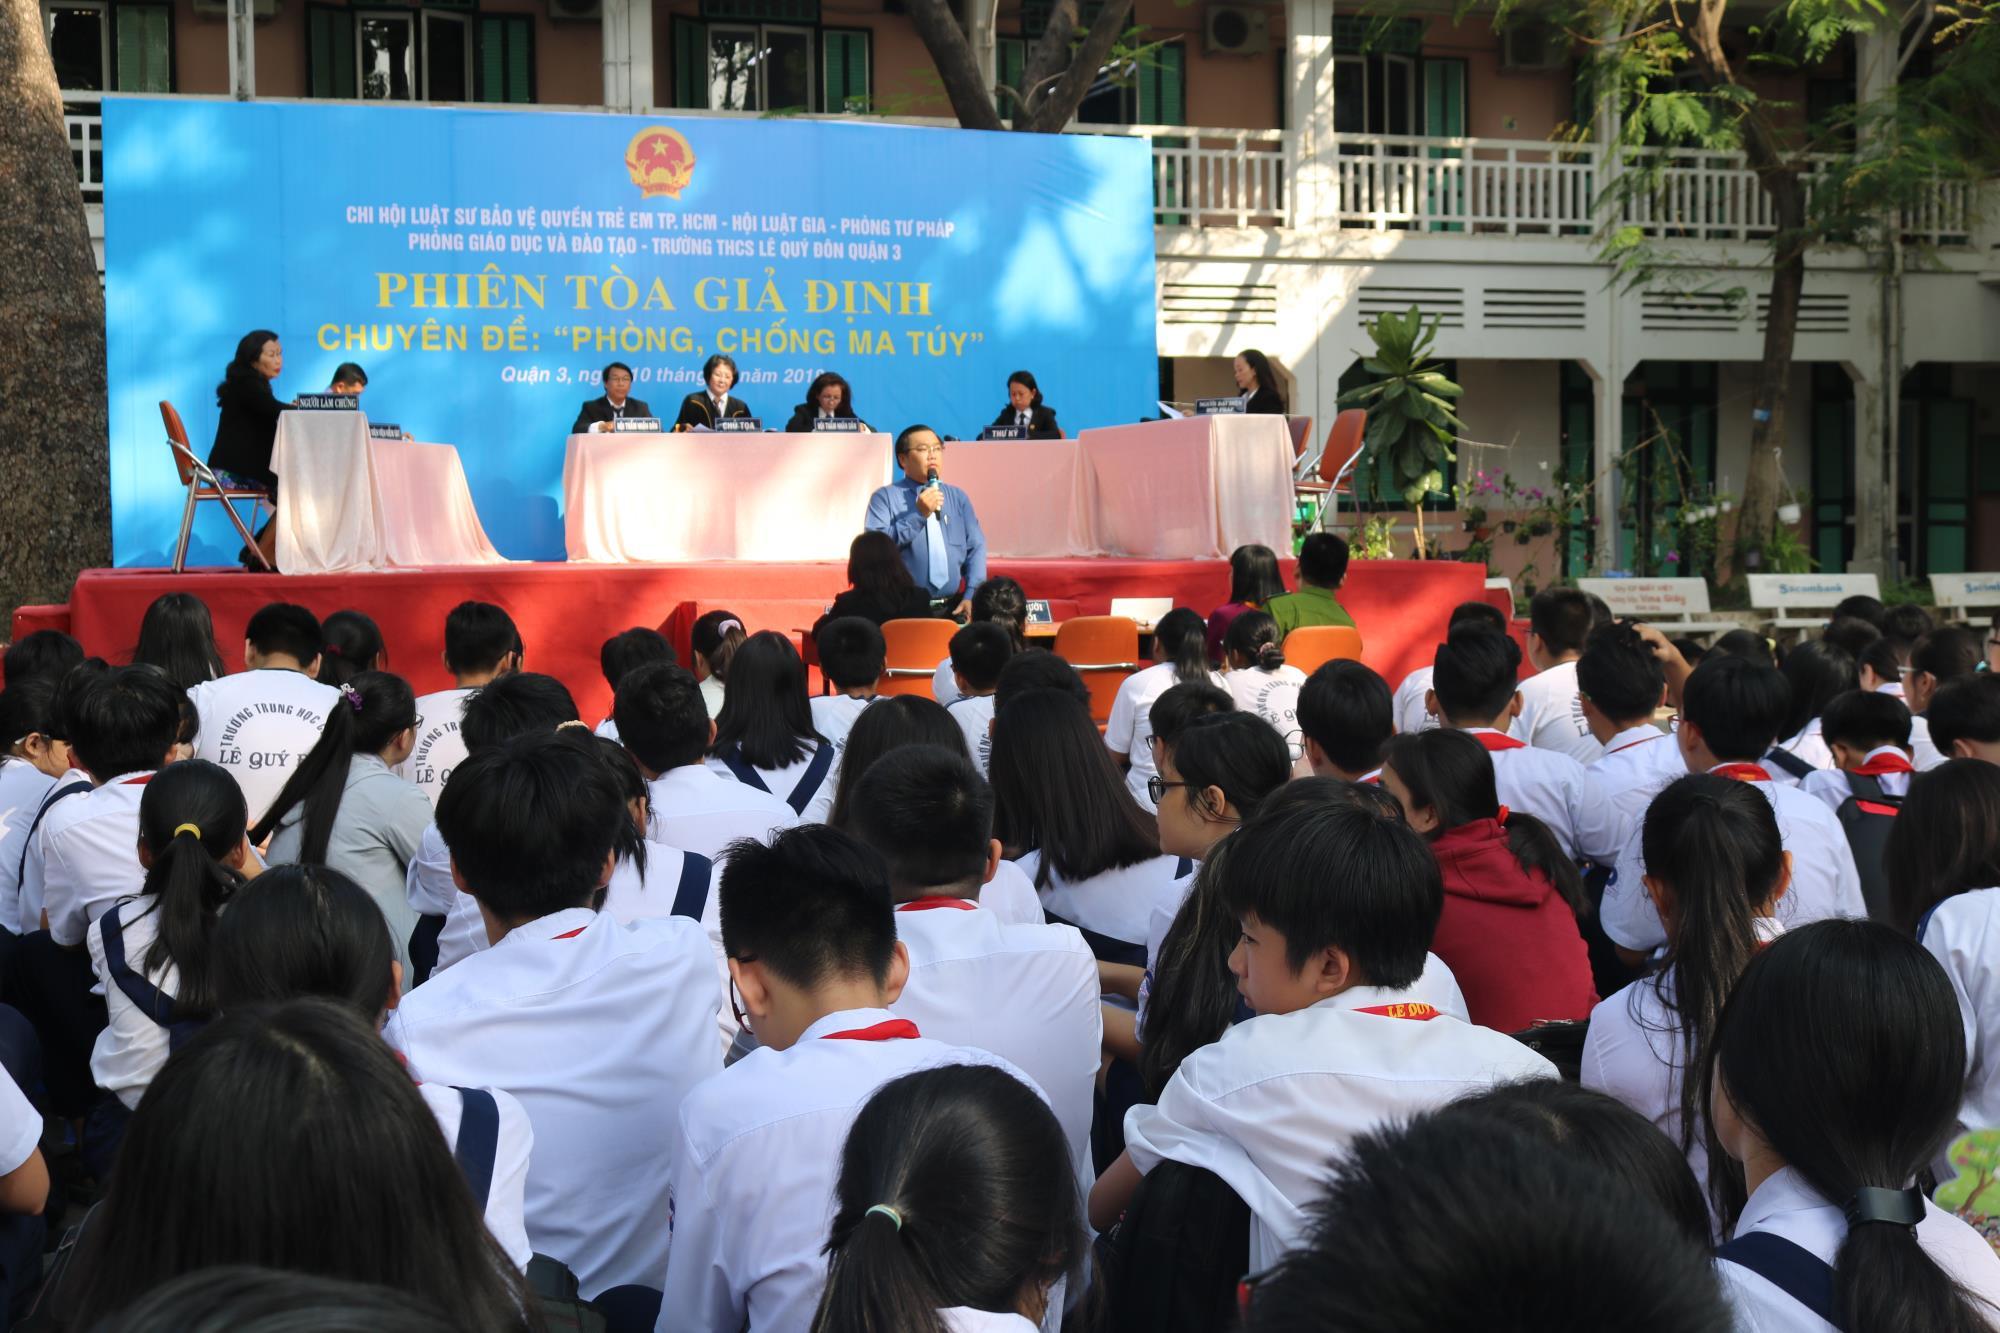 Hội Bảo vệ Quyền trẻ em TP.HCM tổ chức phiên tòa giả định, cung cấp thông tin đường dây nóng về ma túy, xâm hại và bạo hành trẻ em - Ảnh 2